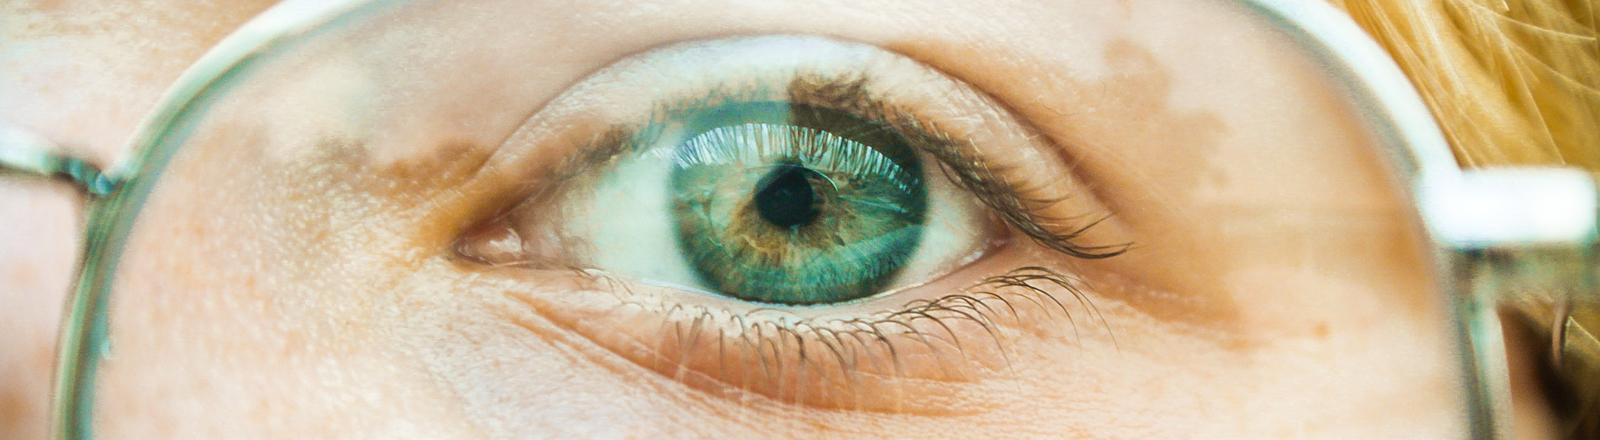 das Auge einer Frau